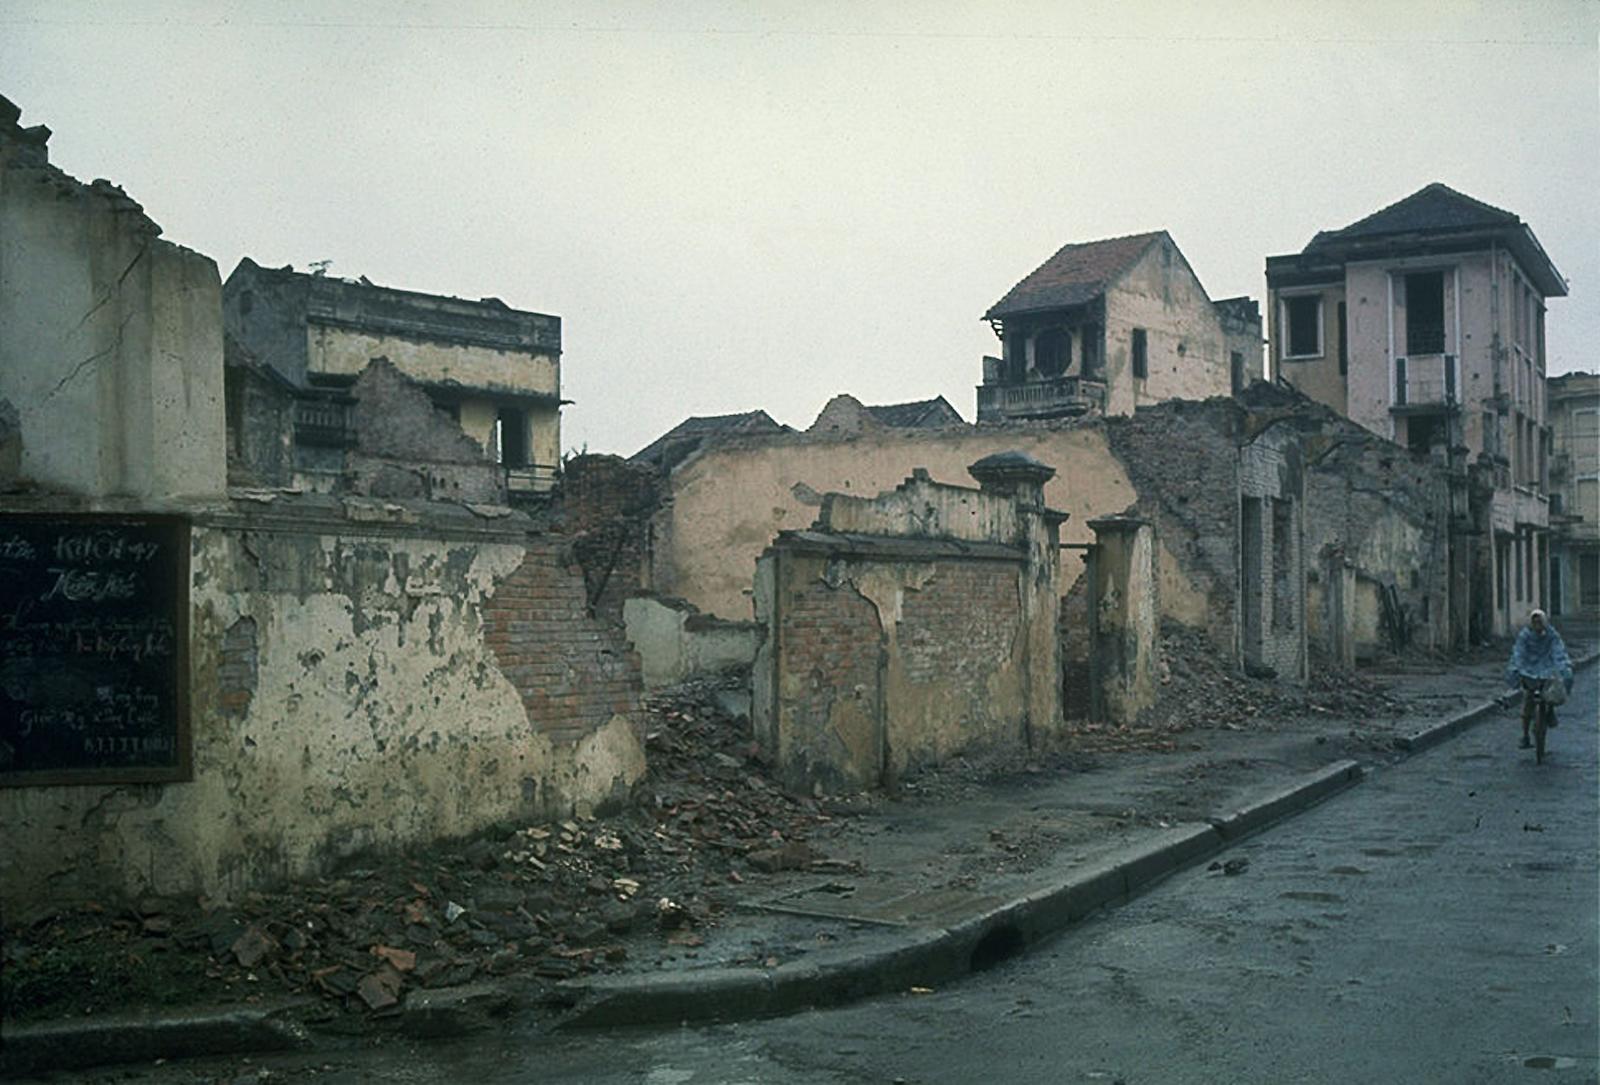 Жилой район Ханоя. Разрушенные дома в результате бомбардировок